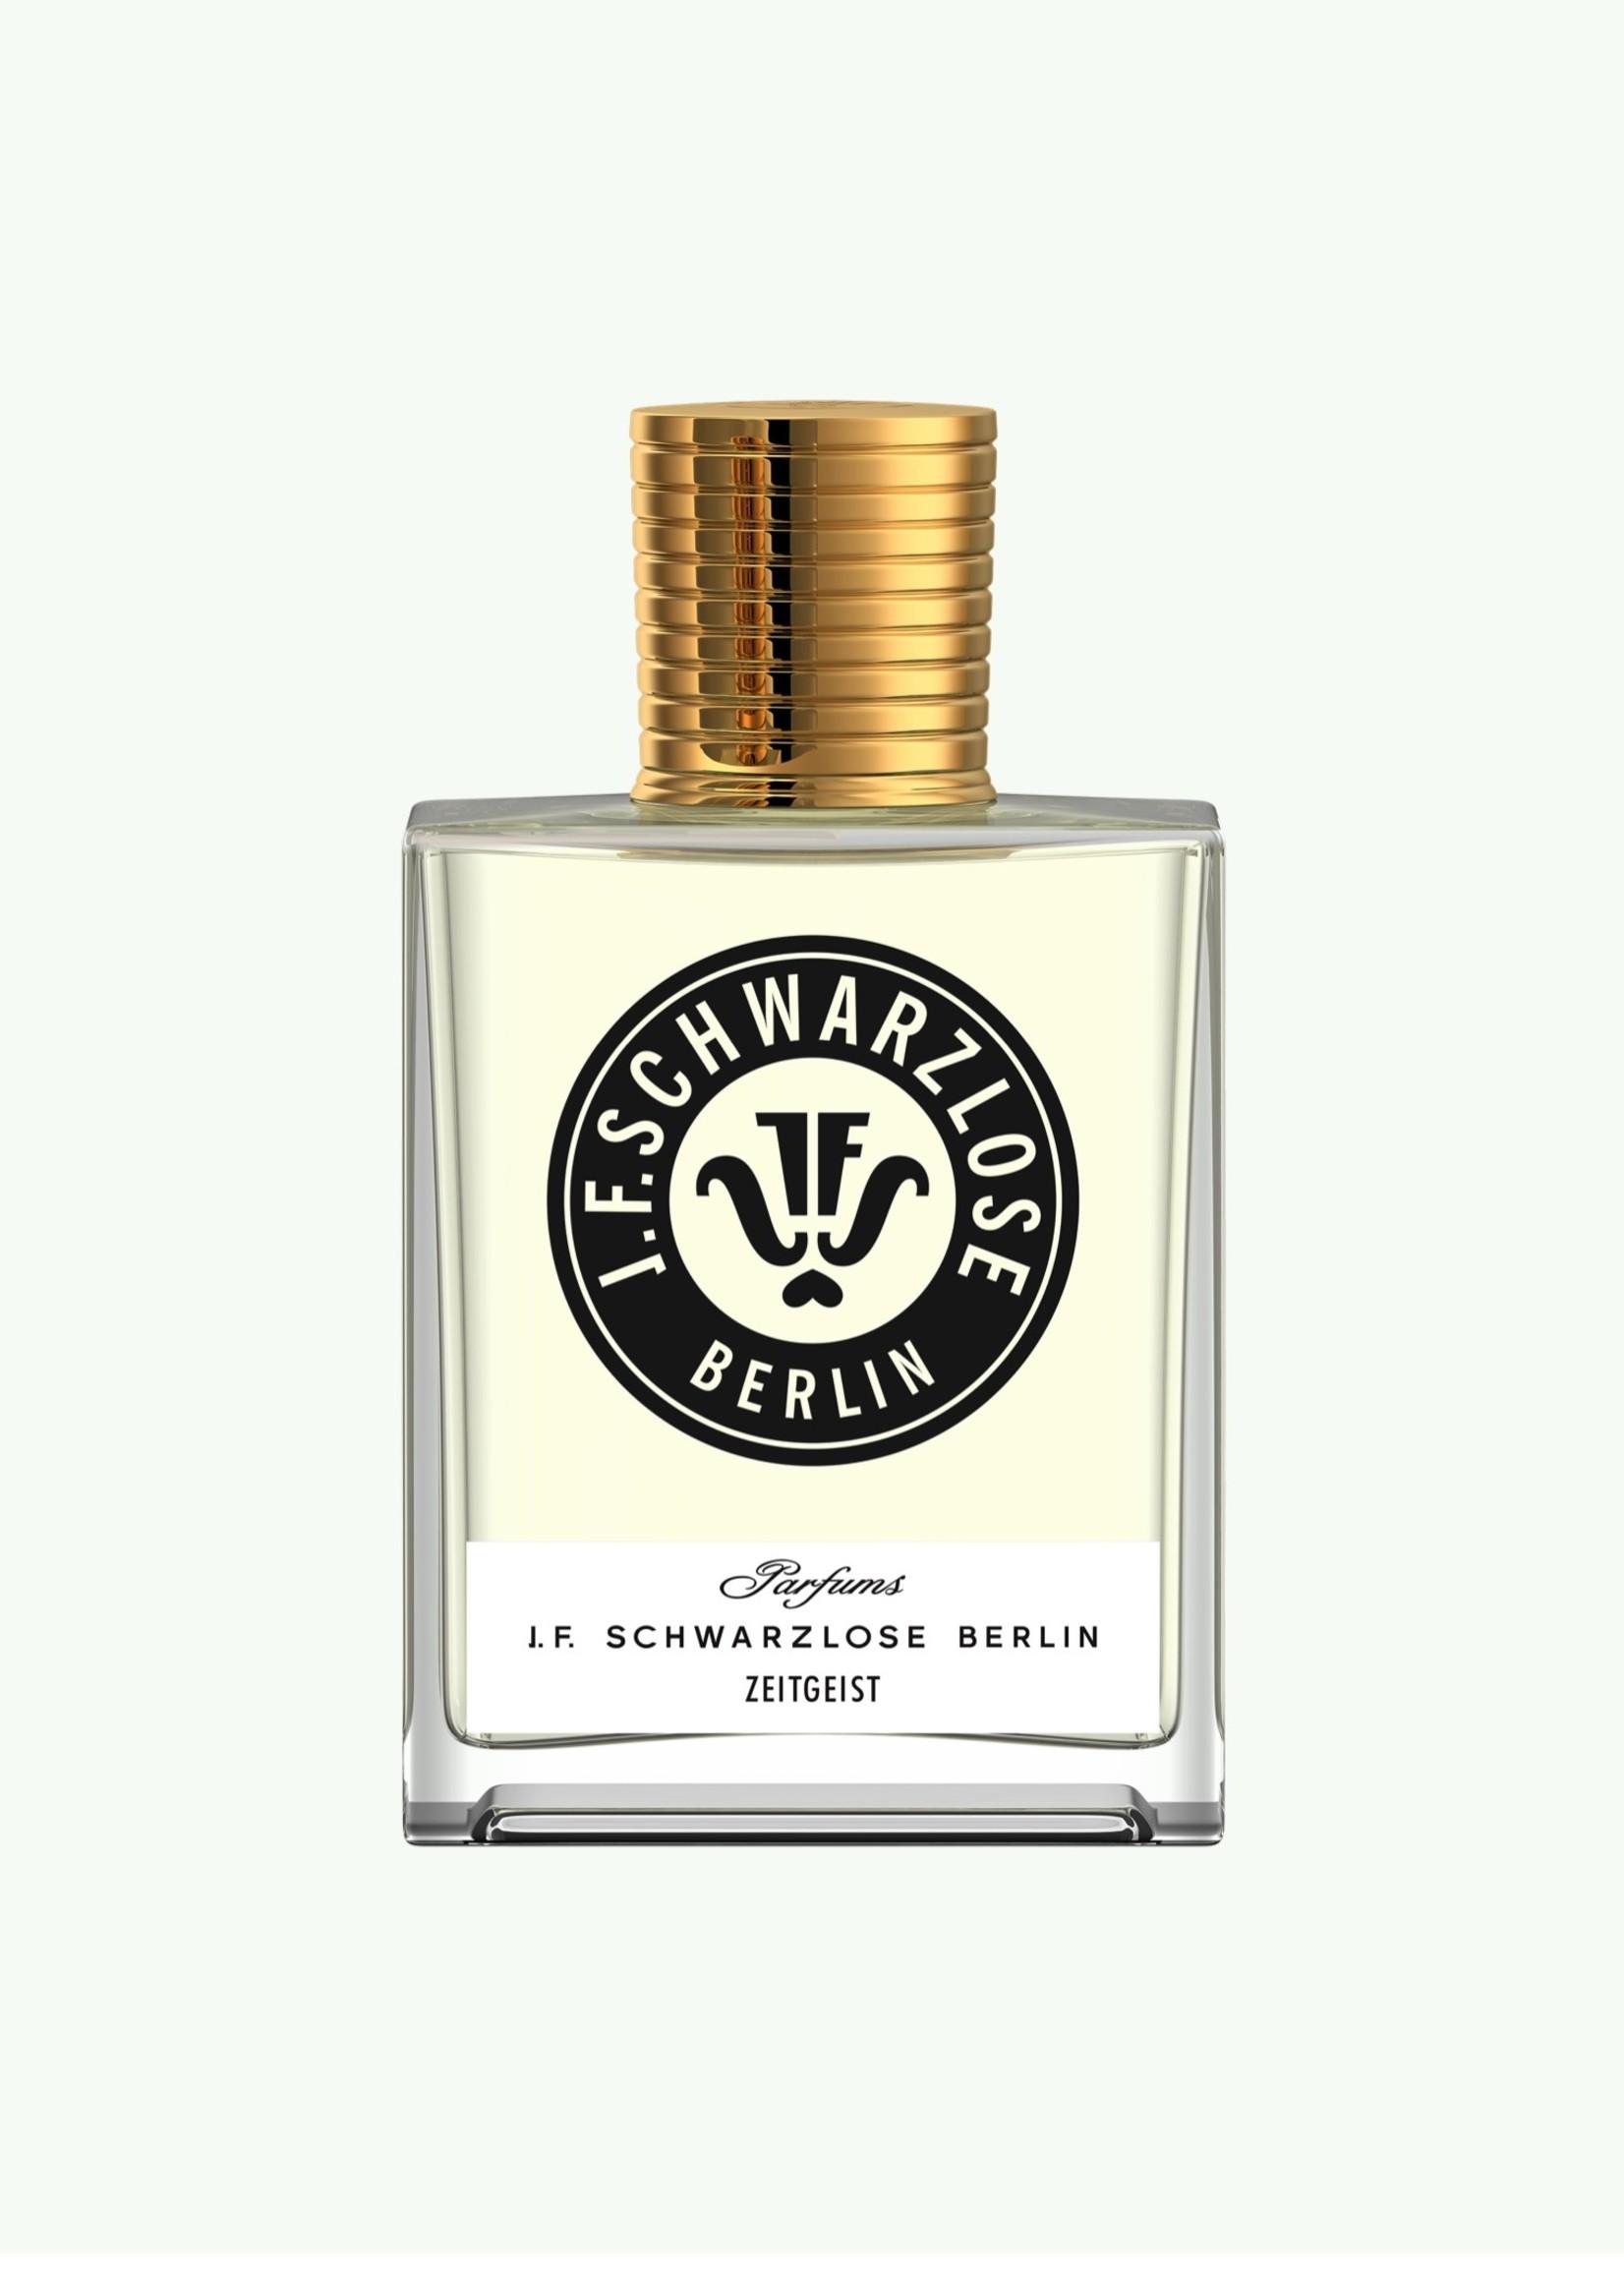 J.F. Schwarzlose Berlin J.F. Schwarzlose Berlin - ZEITGEIST - Eau de Parfum